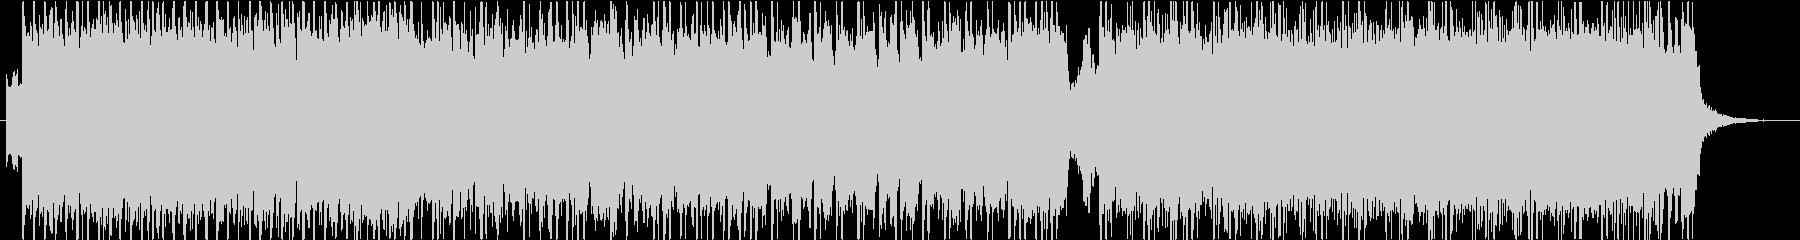 ポップロックサウンドの未再生の波形